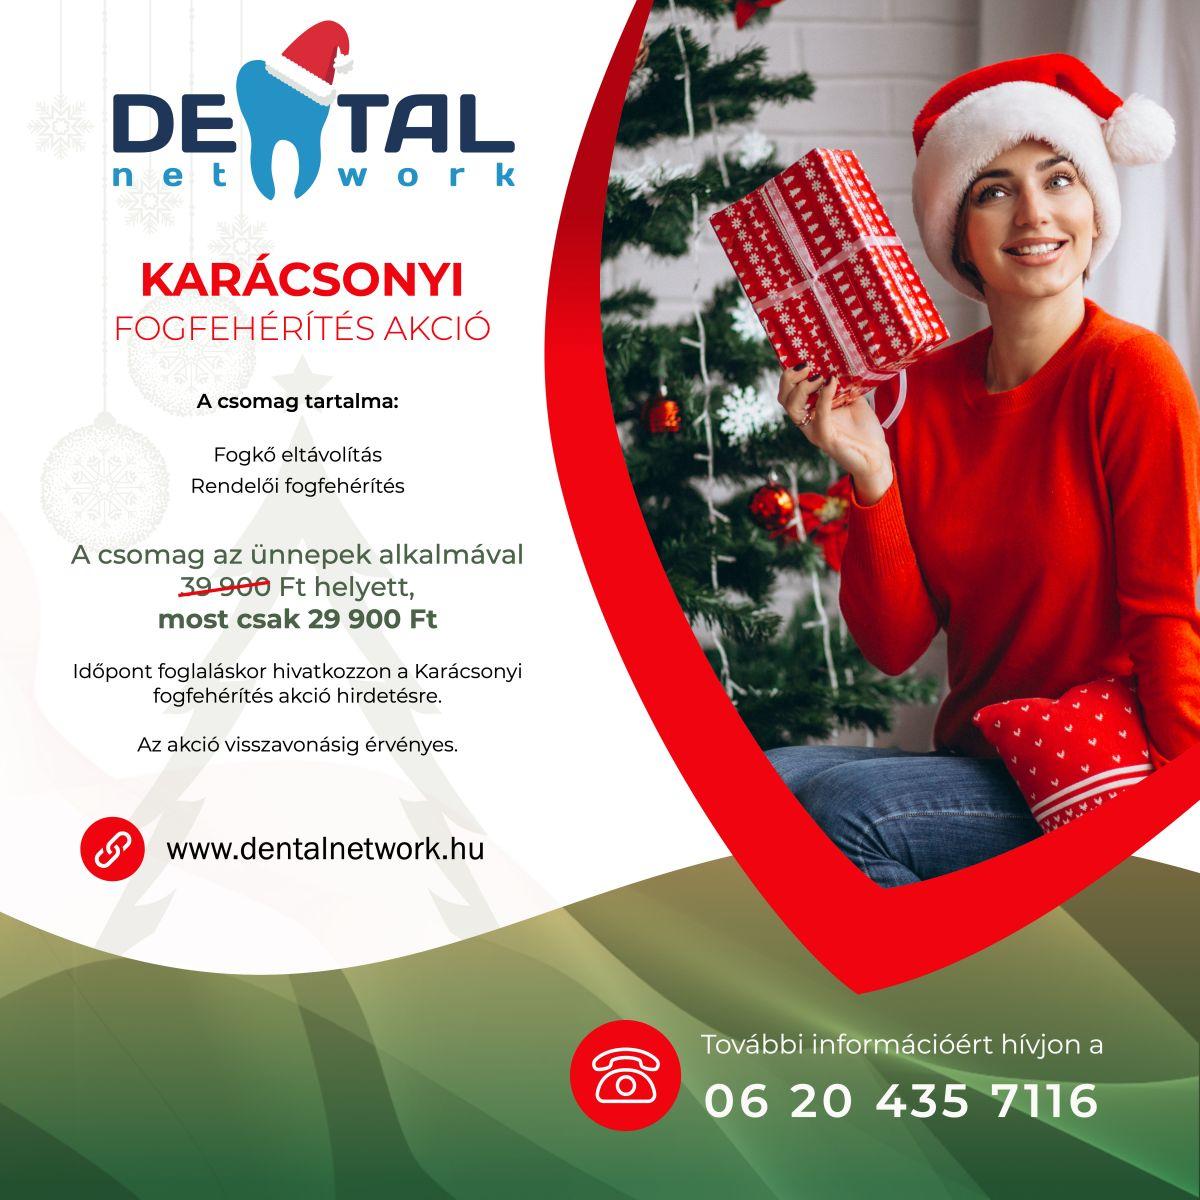 Jókai Dental Fogászat - Karácsonyi akció - Fogfehérítés